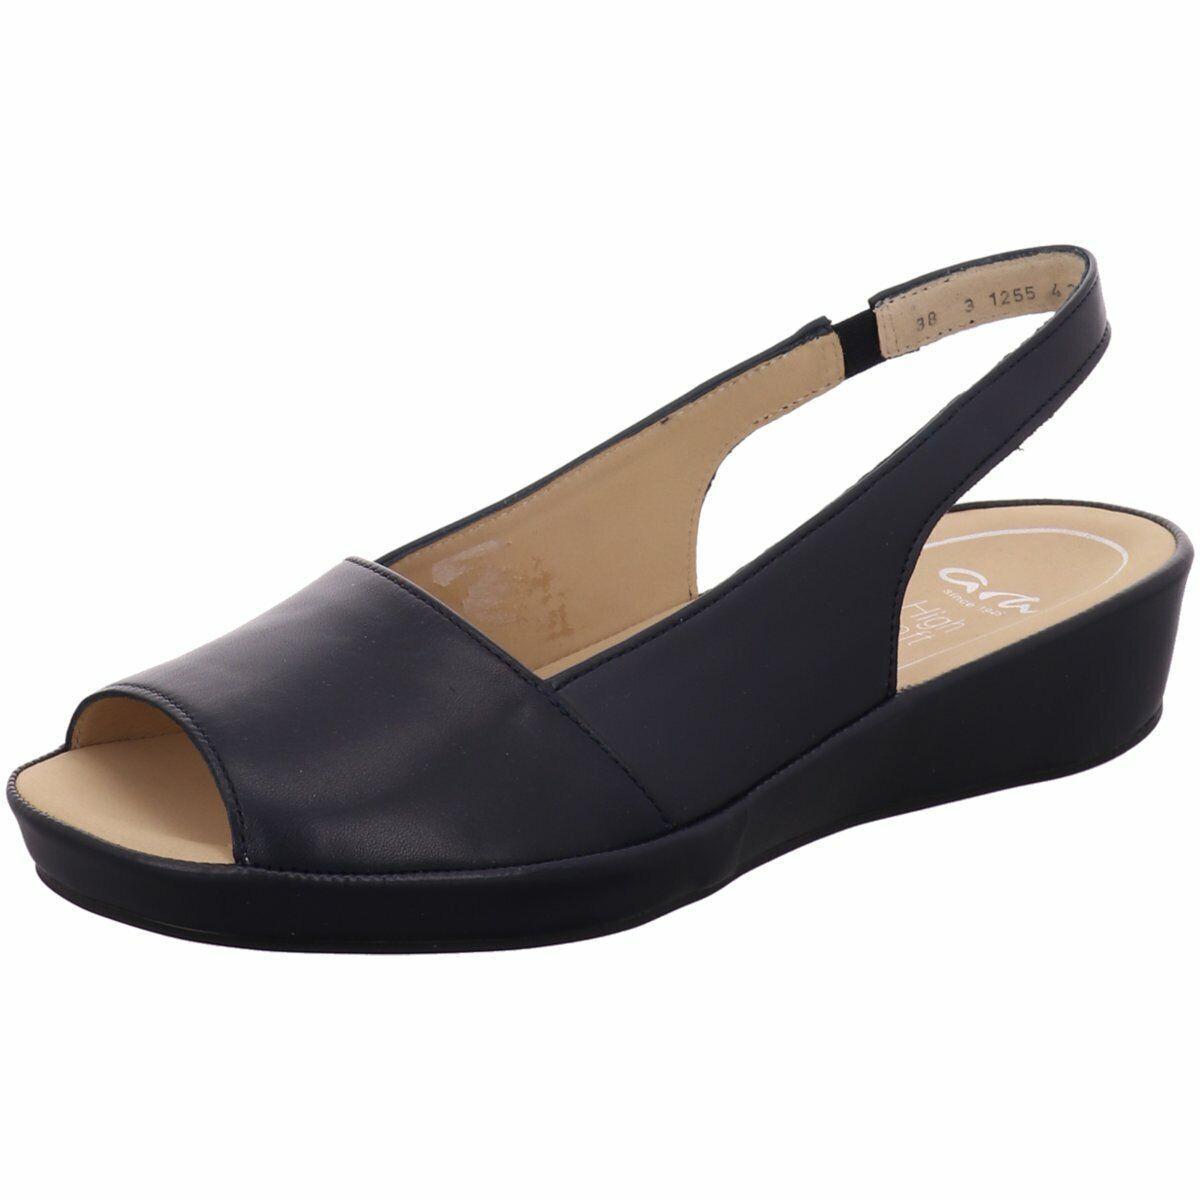 Ara Damen Sandaletten Capri -G- 12.28011.06 blau 635812